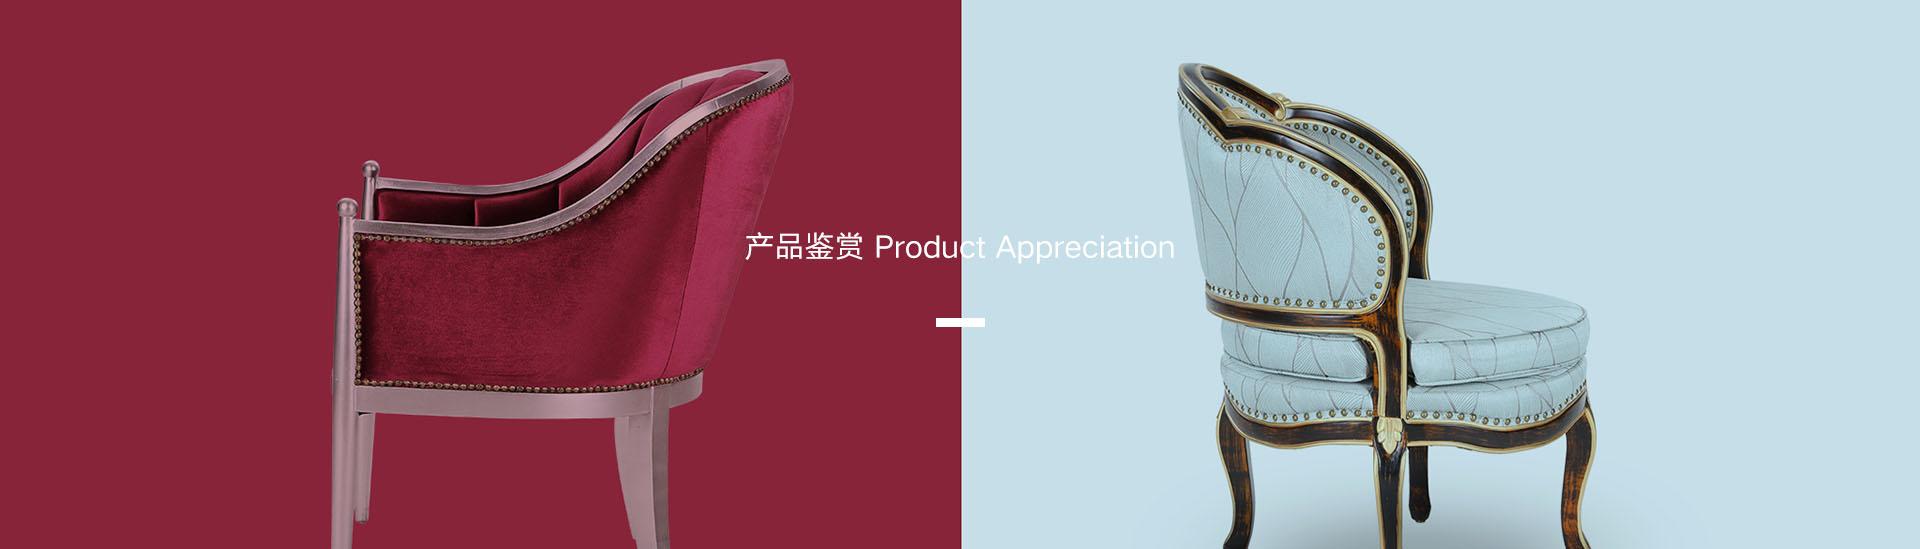 产品广告1